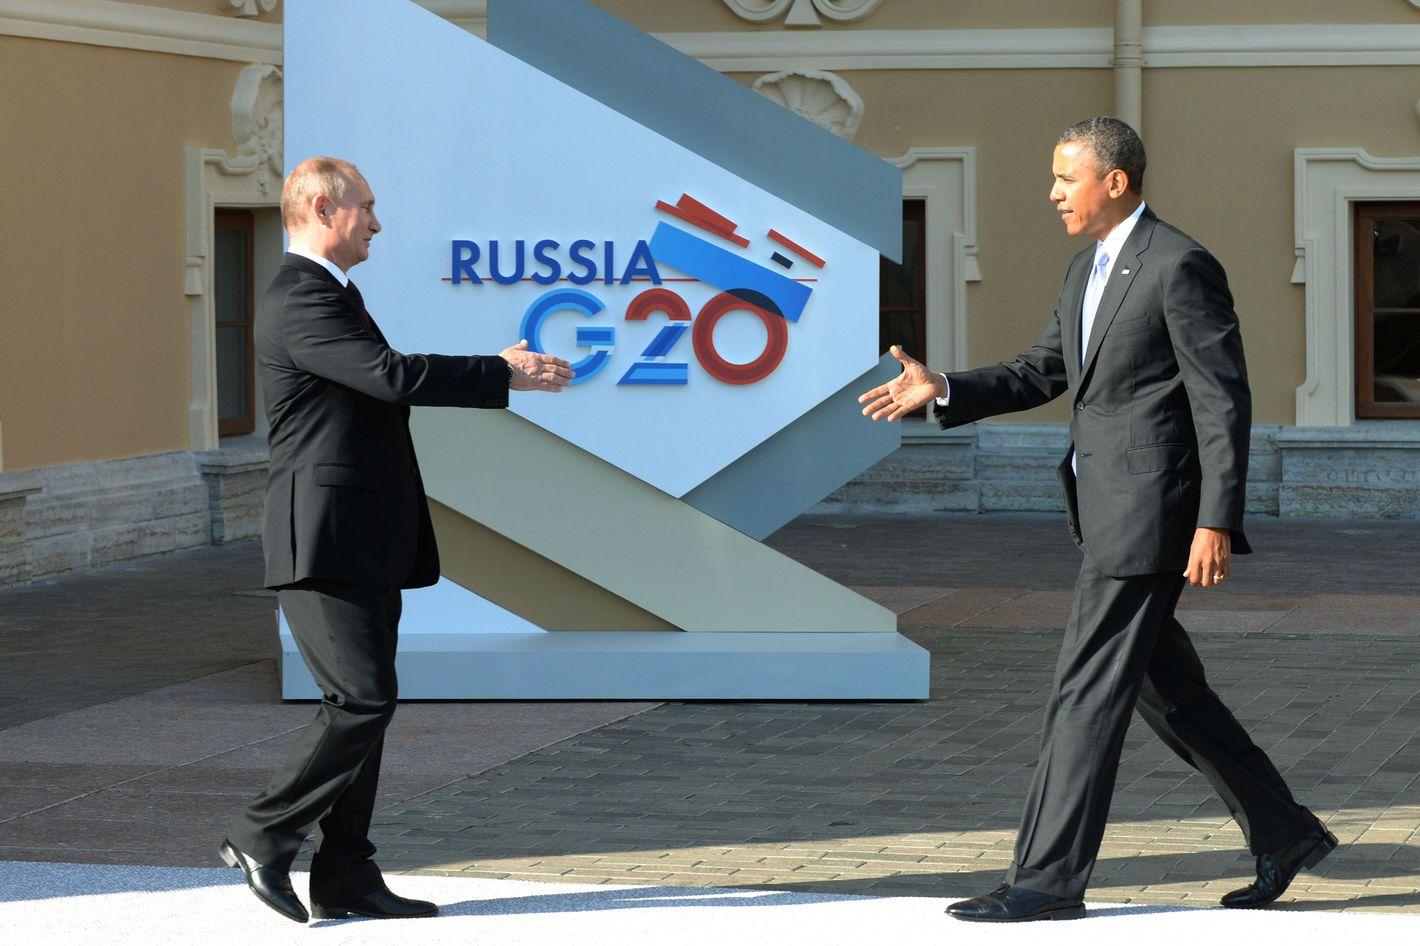 Just How Awkward Was The Obama Putin G20 Handshake